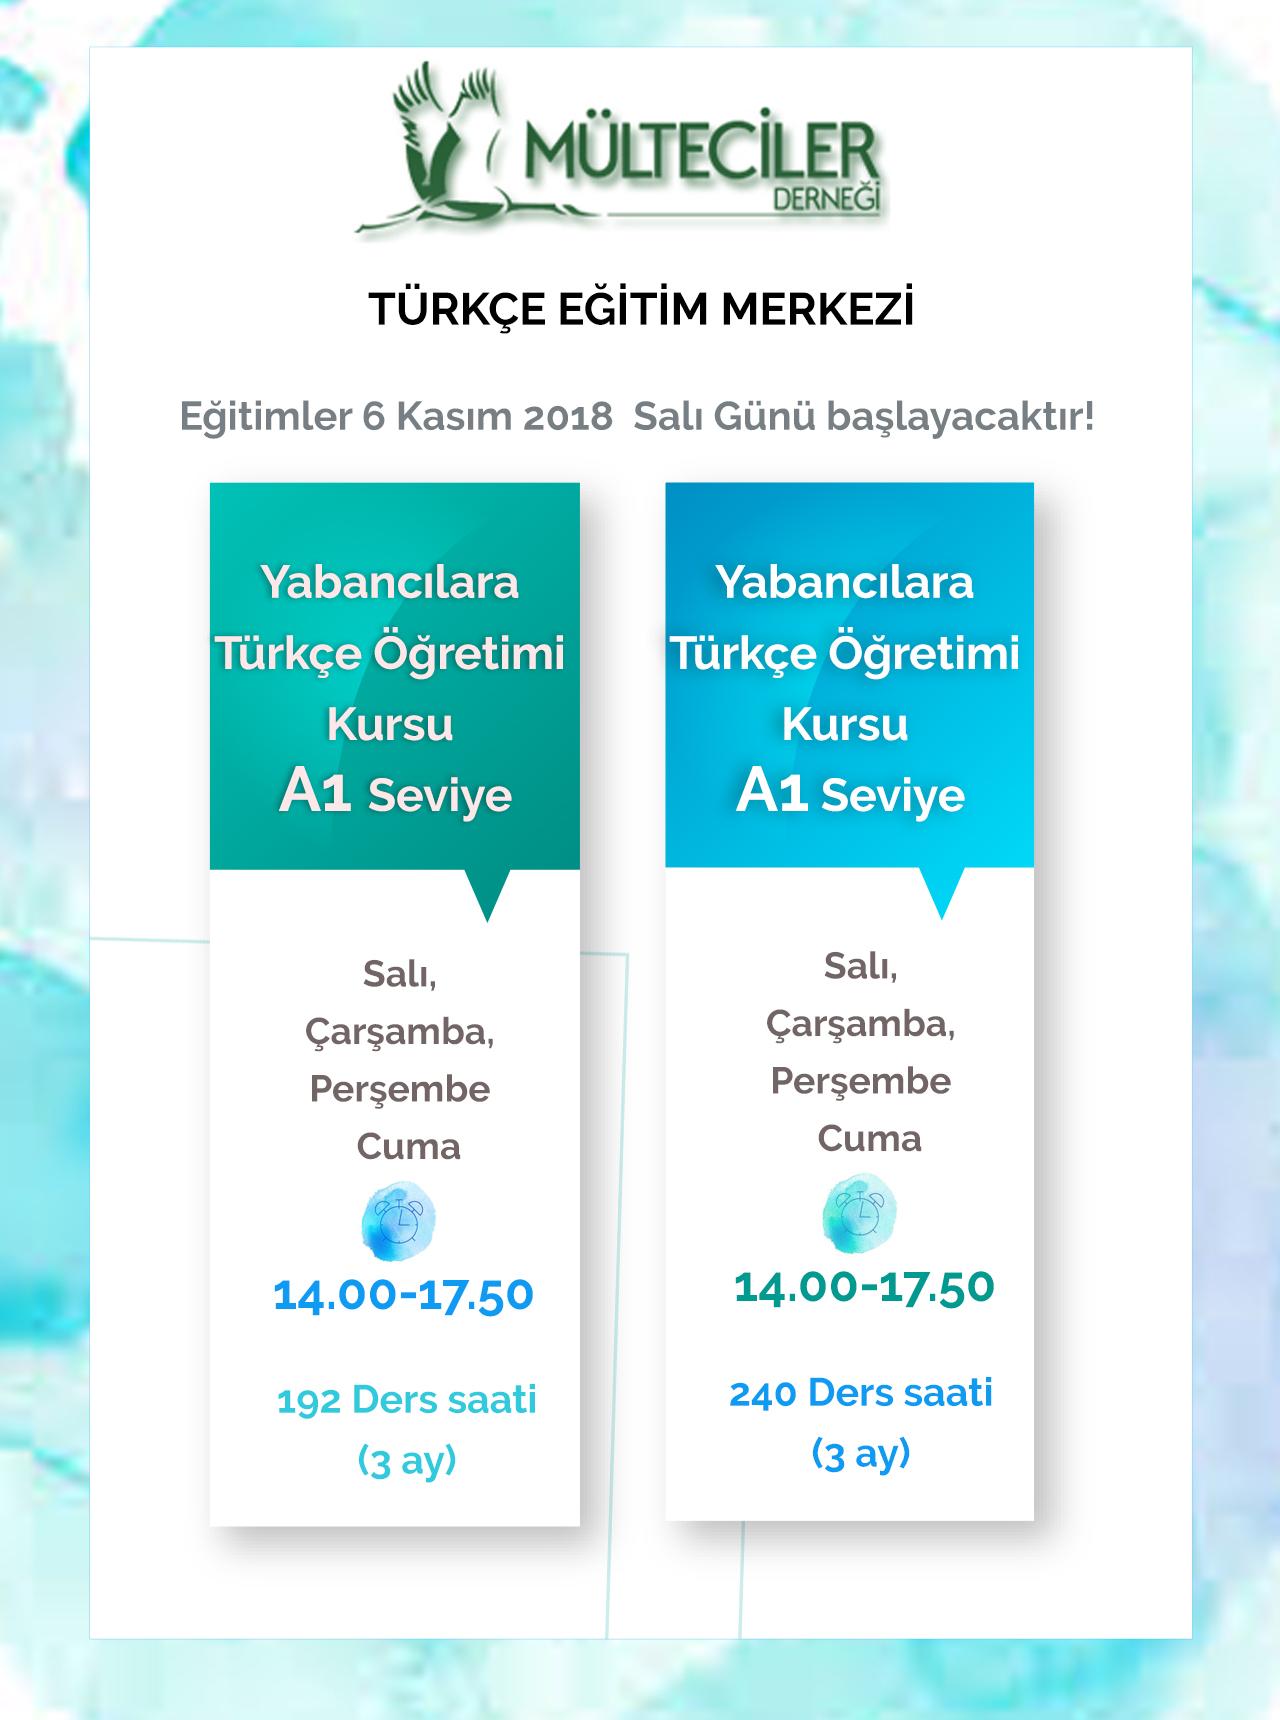 Mülteciler ve Sığınmacılar Yardımlaşma ve Dayanışma Derneği and Sultanbeyli Municipality